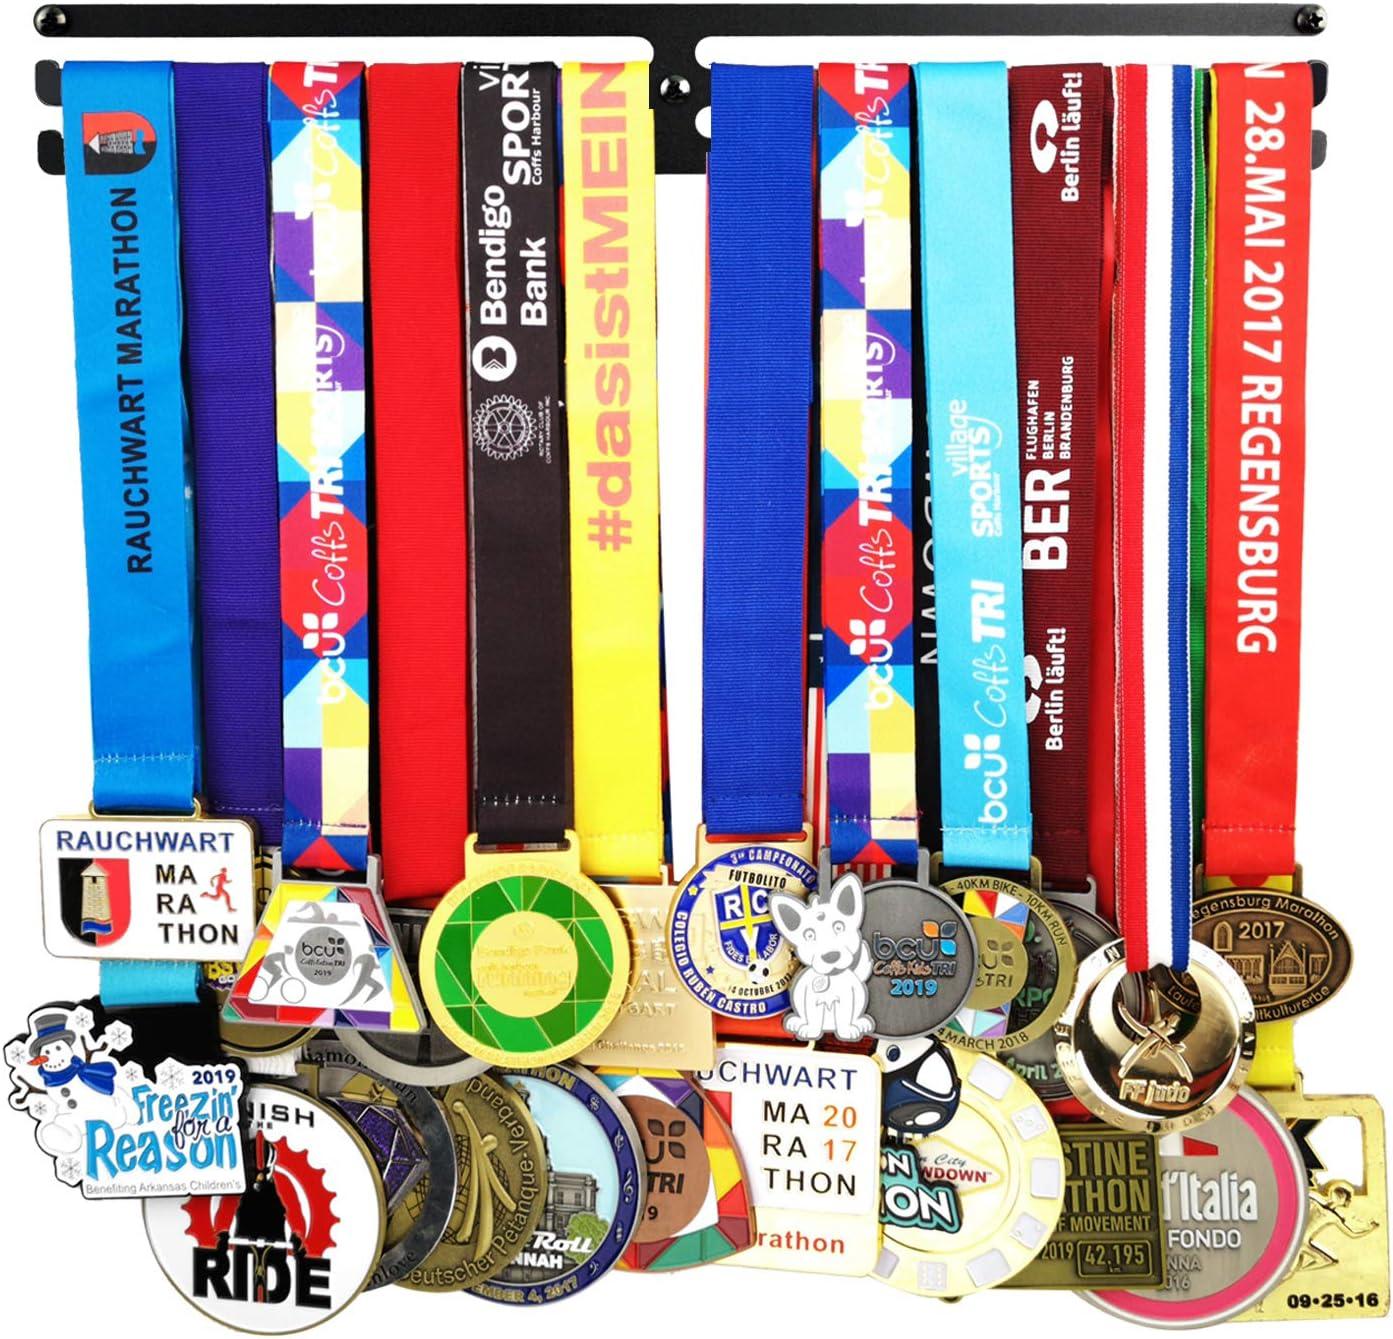 Sports Medal Hanger Holder Marathon Runner Medal Rack Display Decor Gift for Her